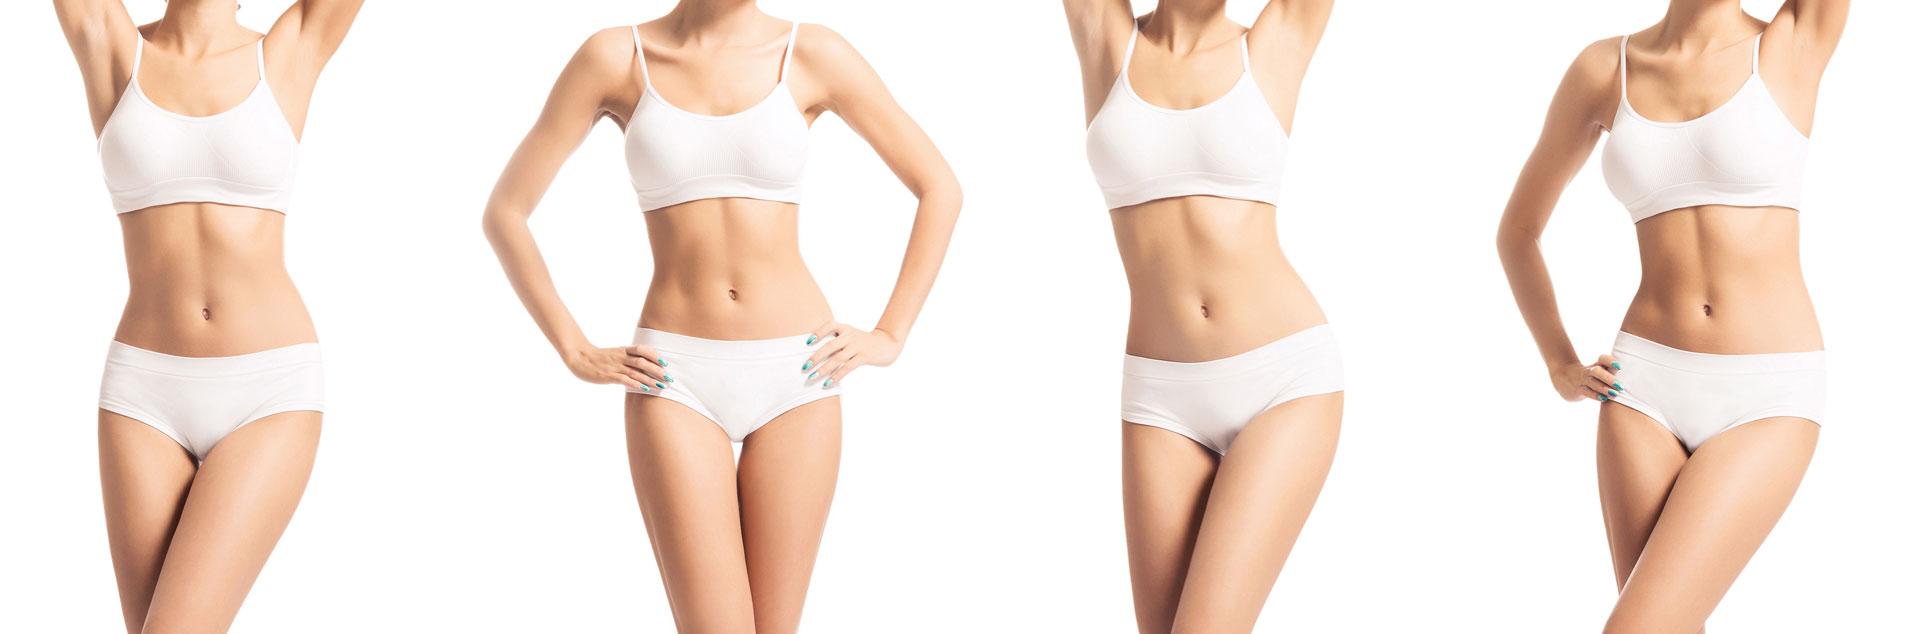 Bauchdeckenstraffung für Ihren straffen schlanken Bauch